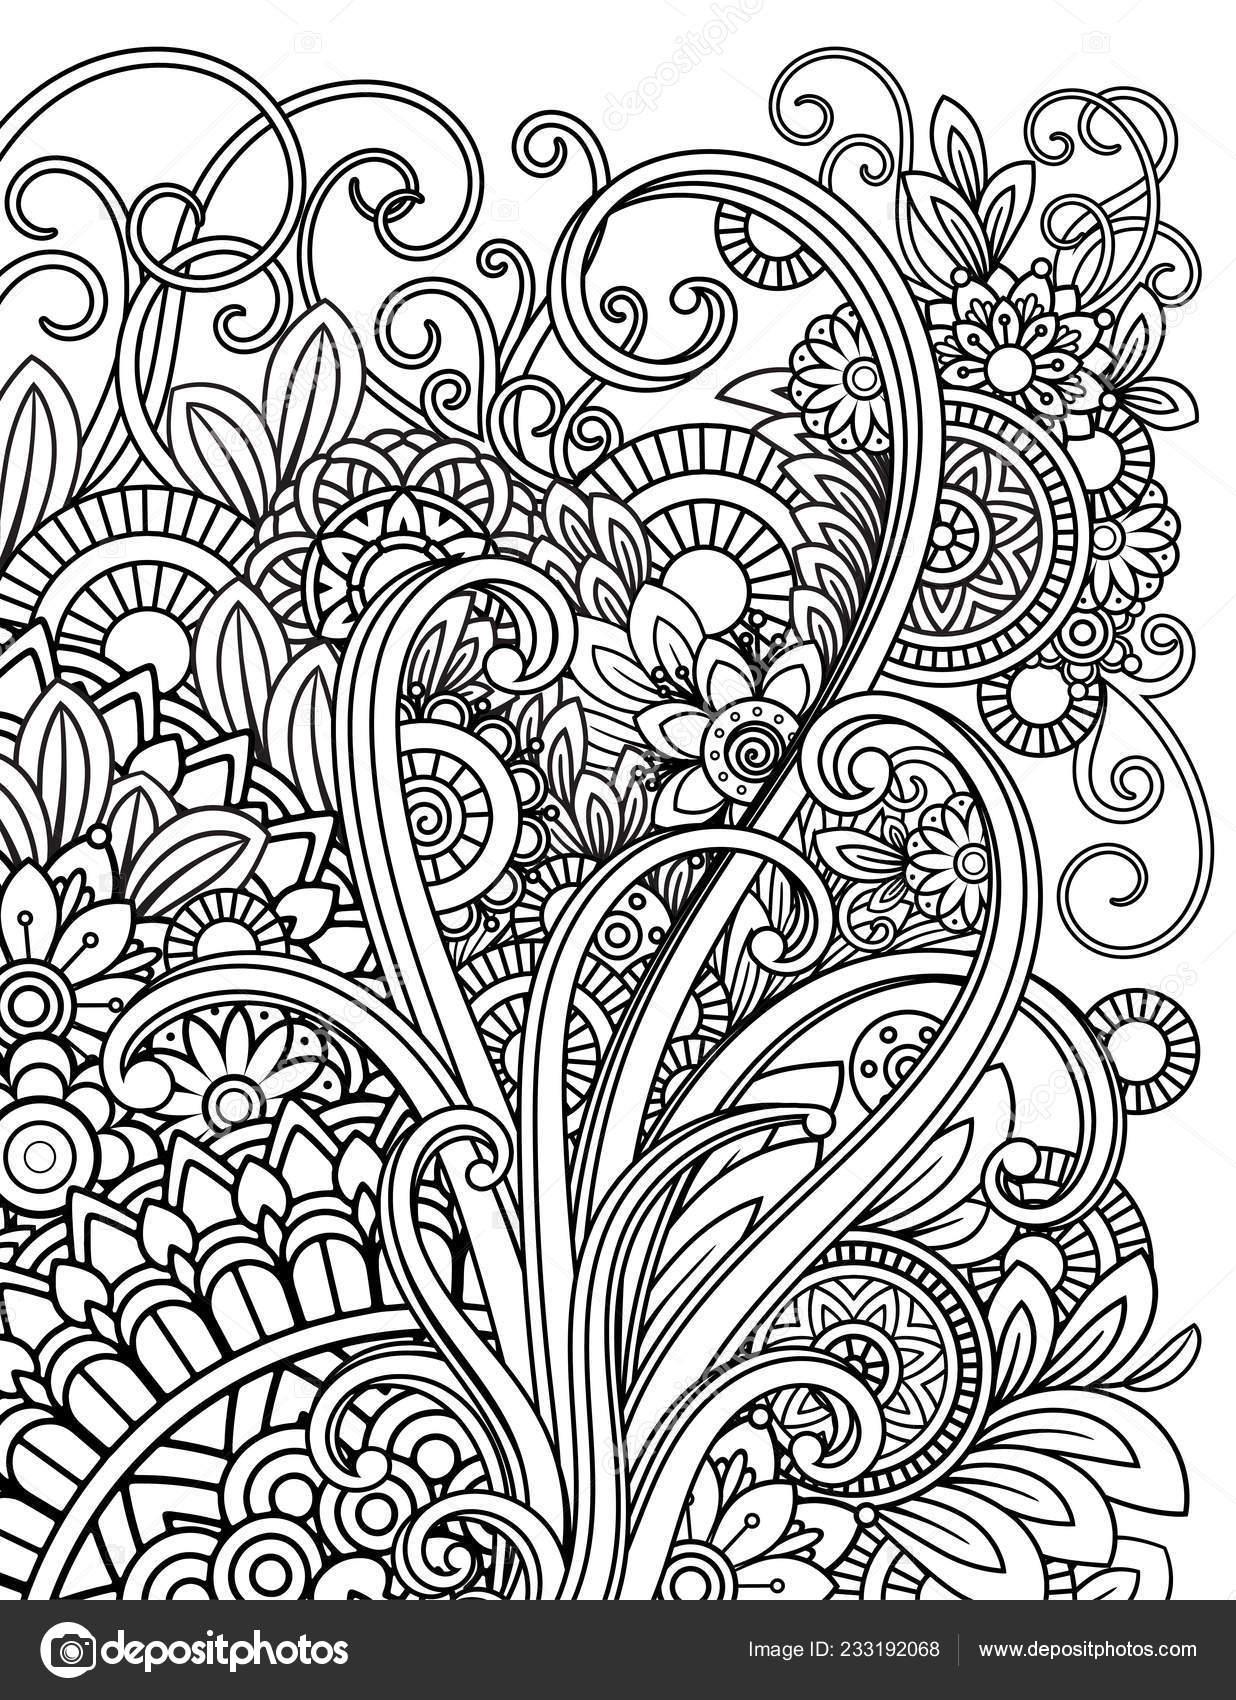 Mandala Malvorlagen Erwachsene Stockvektor Elinorka 233192068